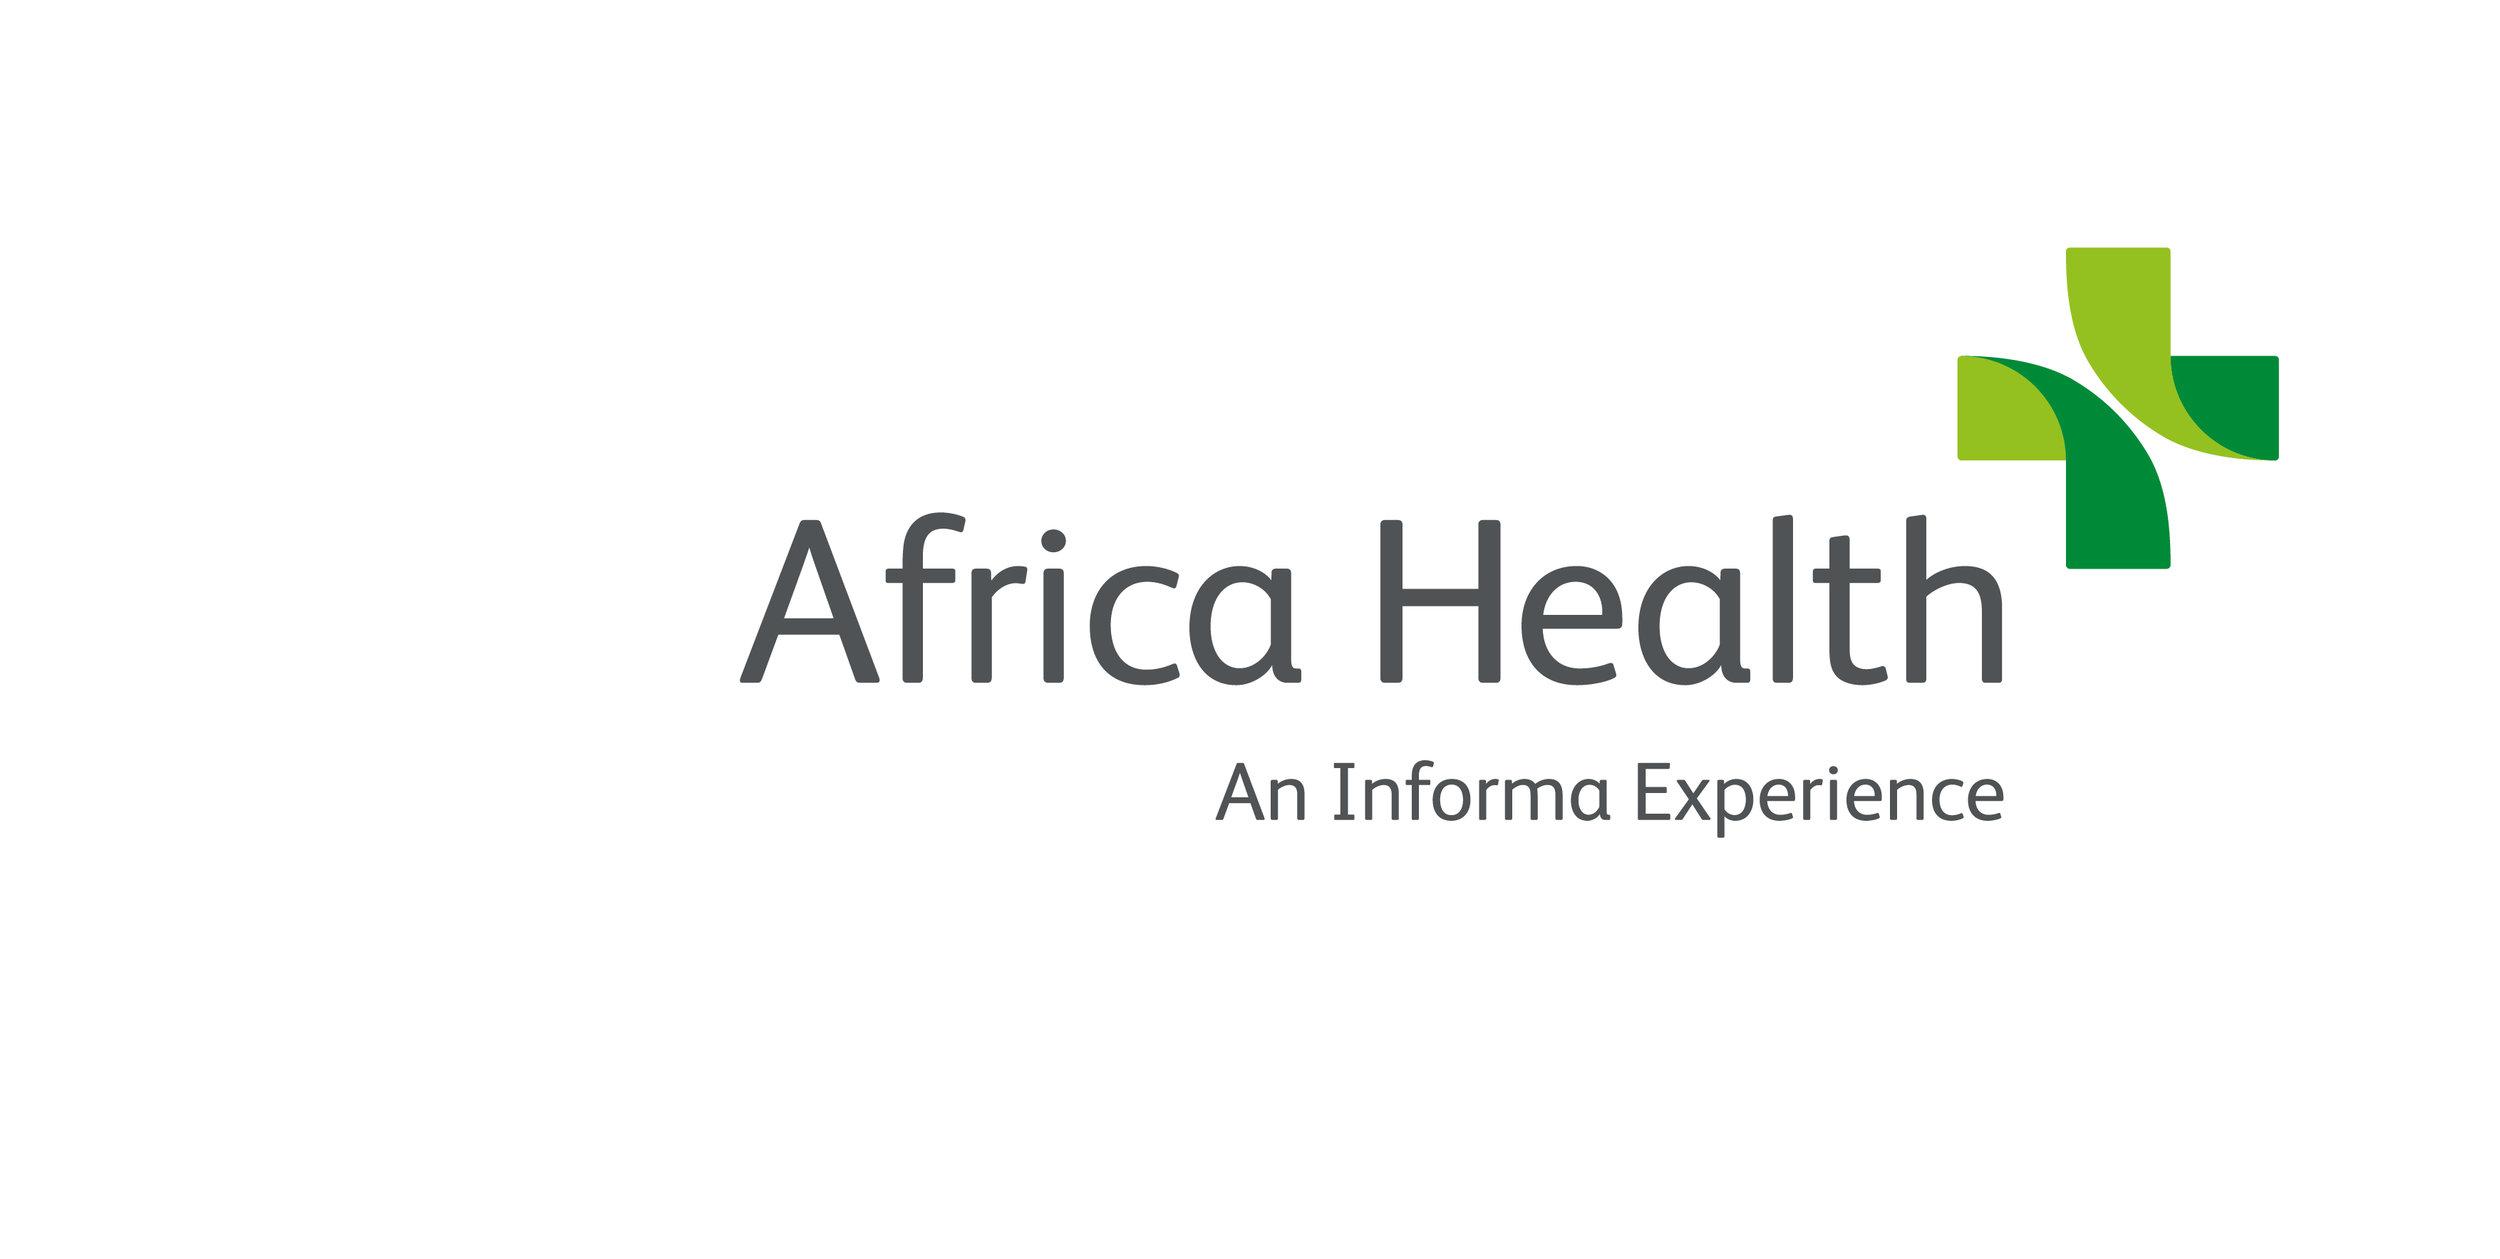 Africa_Health_RGB.jpg